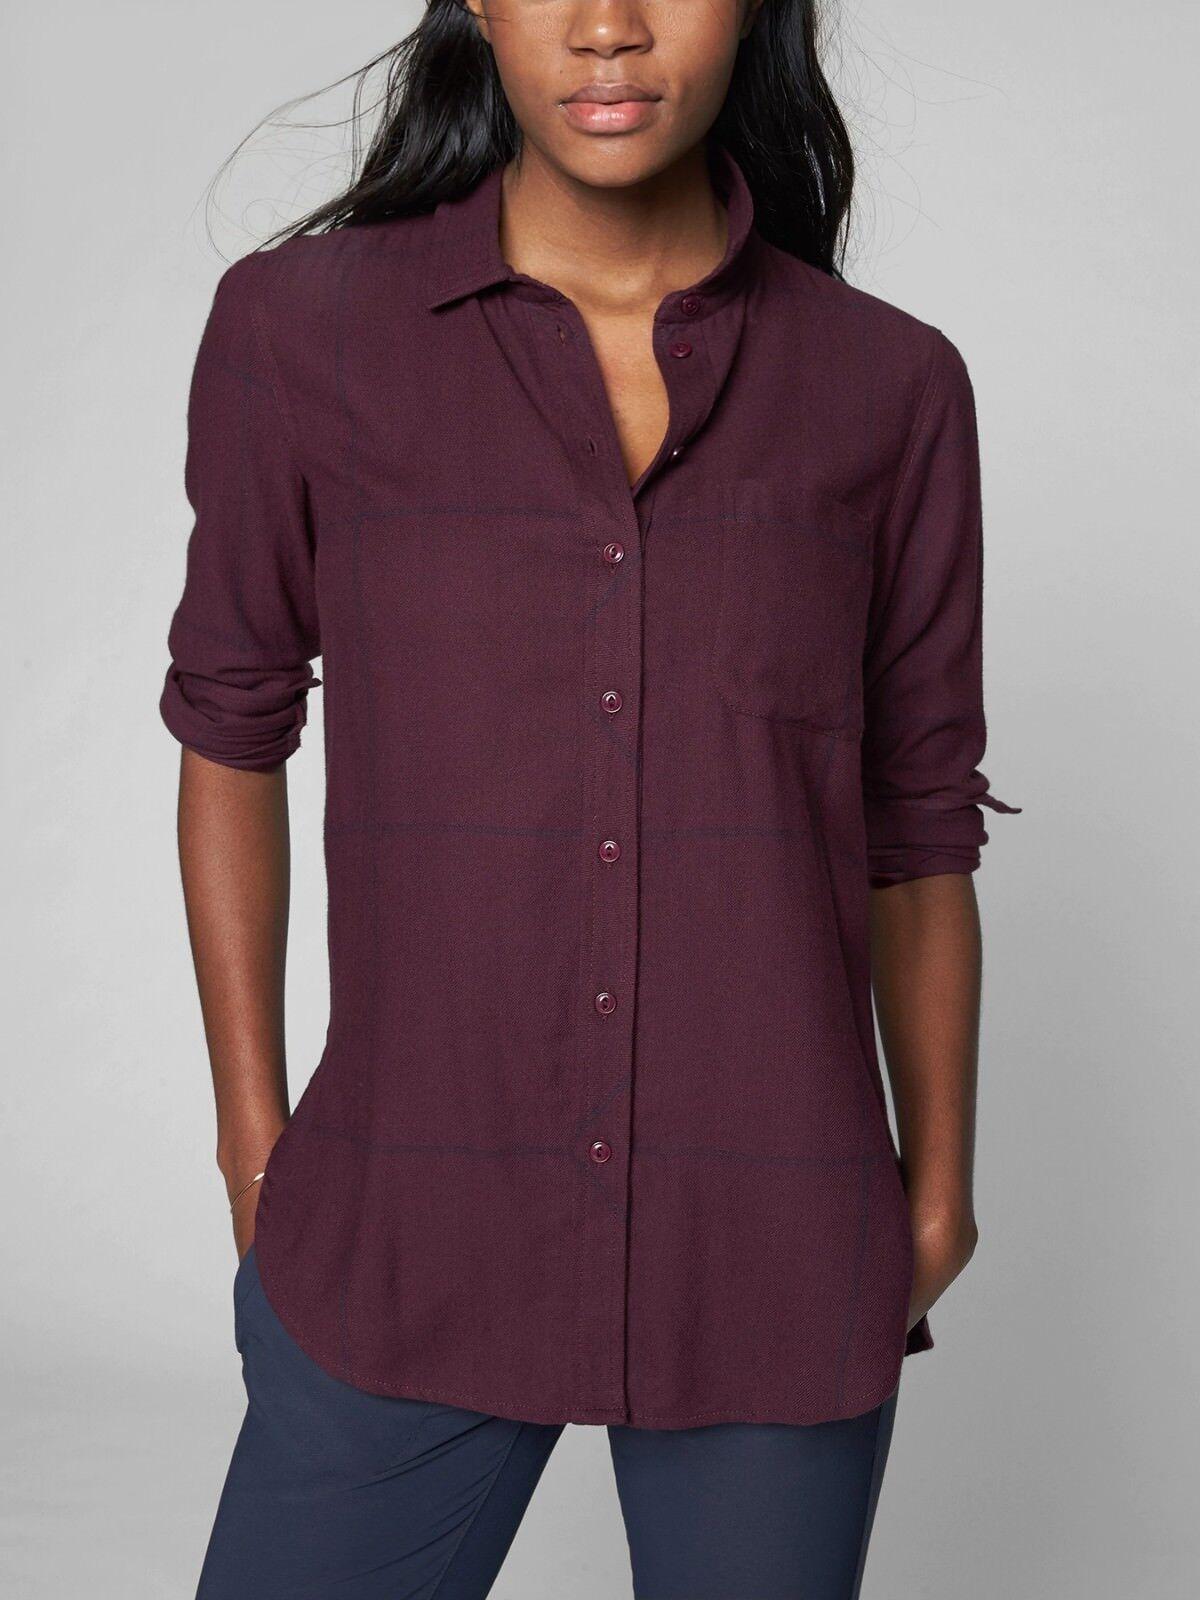 Athleta Heat Gen Tech Flannel Shirt, Cassis Größe S      E1204